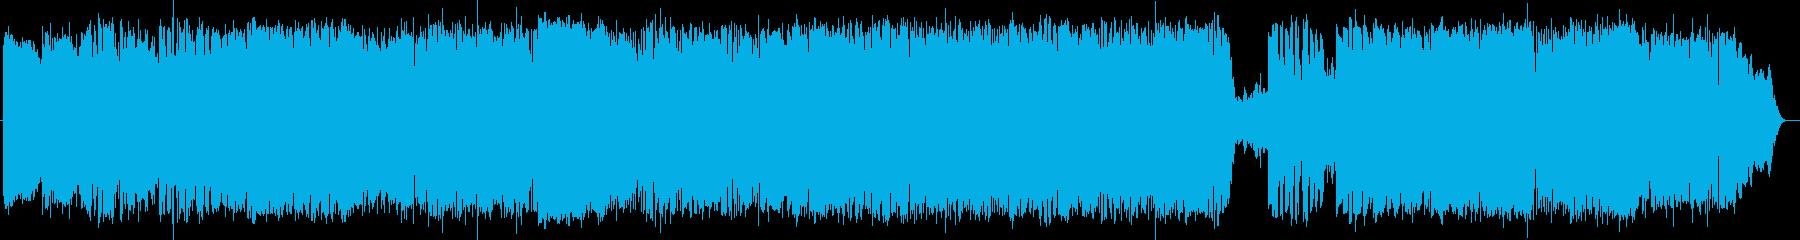 英語洋楽:ヘヴィなギター&切なくソリッドの再生済みの波形